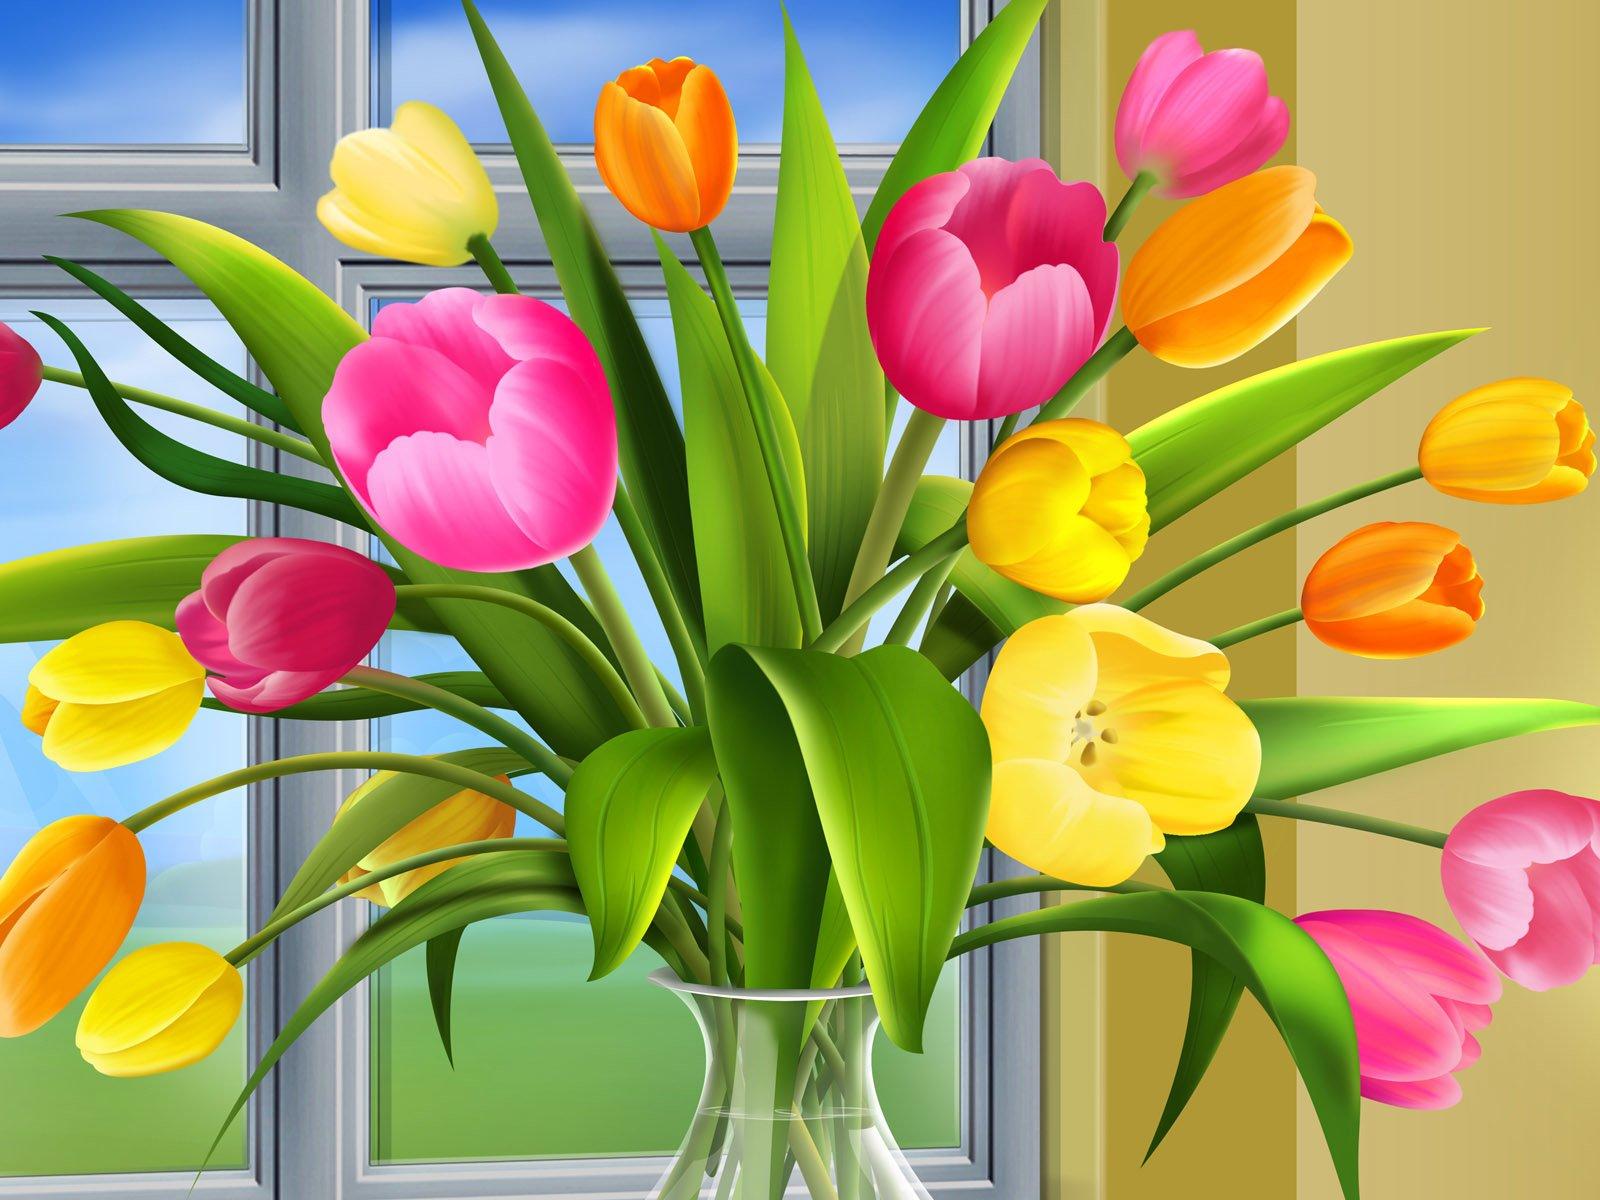 Казанской, с весной открытка с тюльпанами